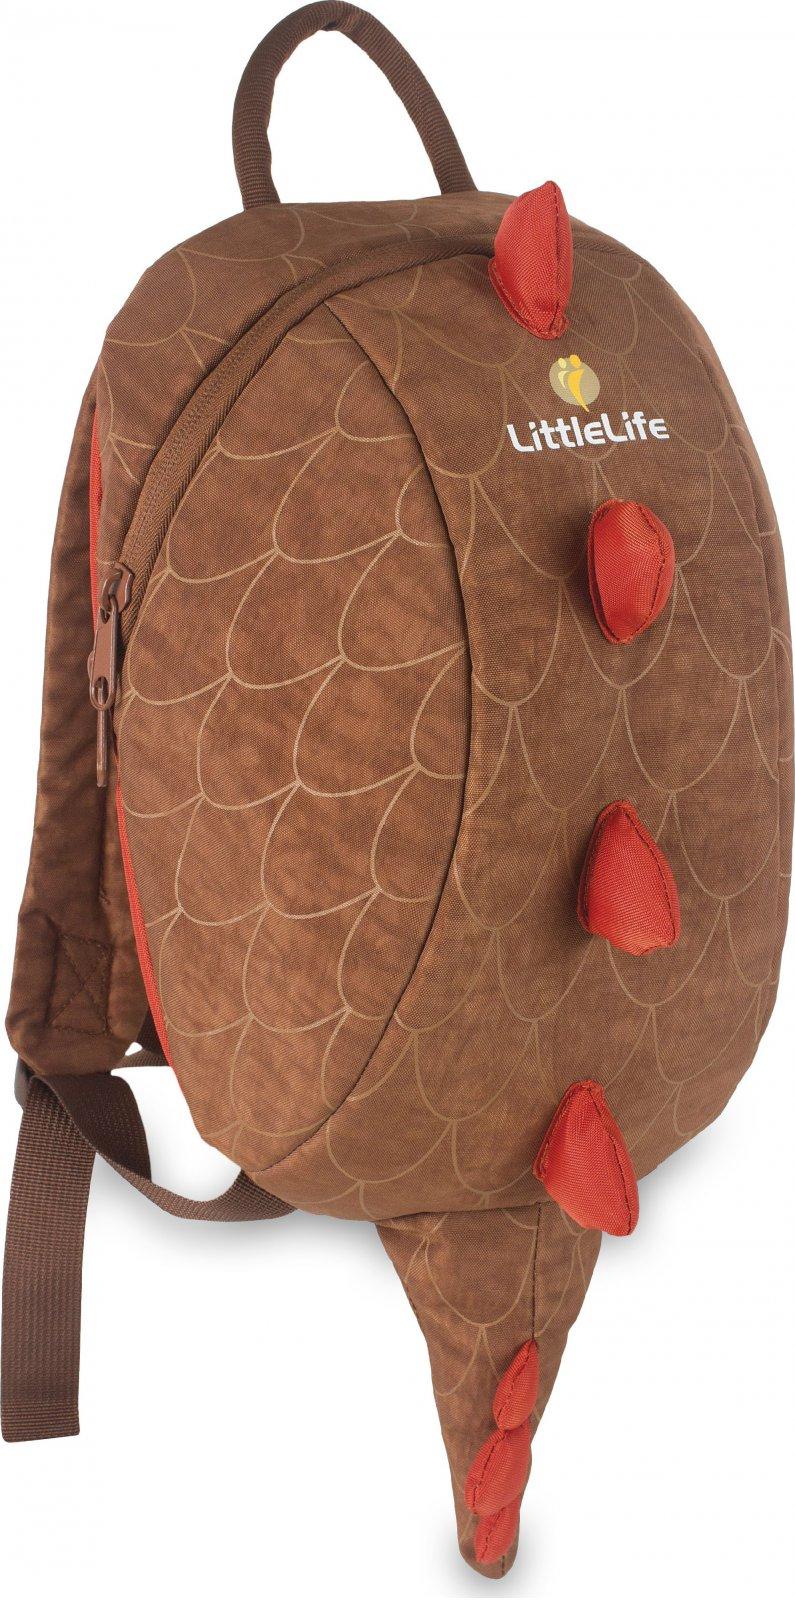 LittleLife dětský batoh Animal Kids Daysack Dinosaur od 527 Kč • Zboží.cz 1505e6124f